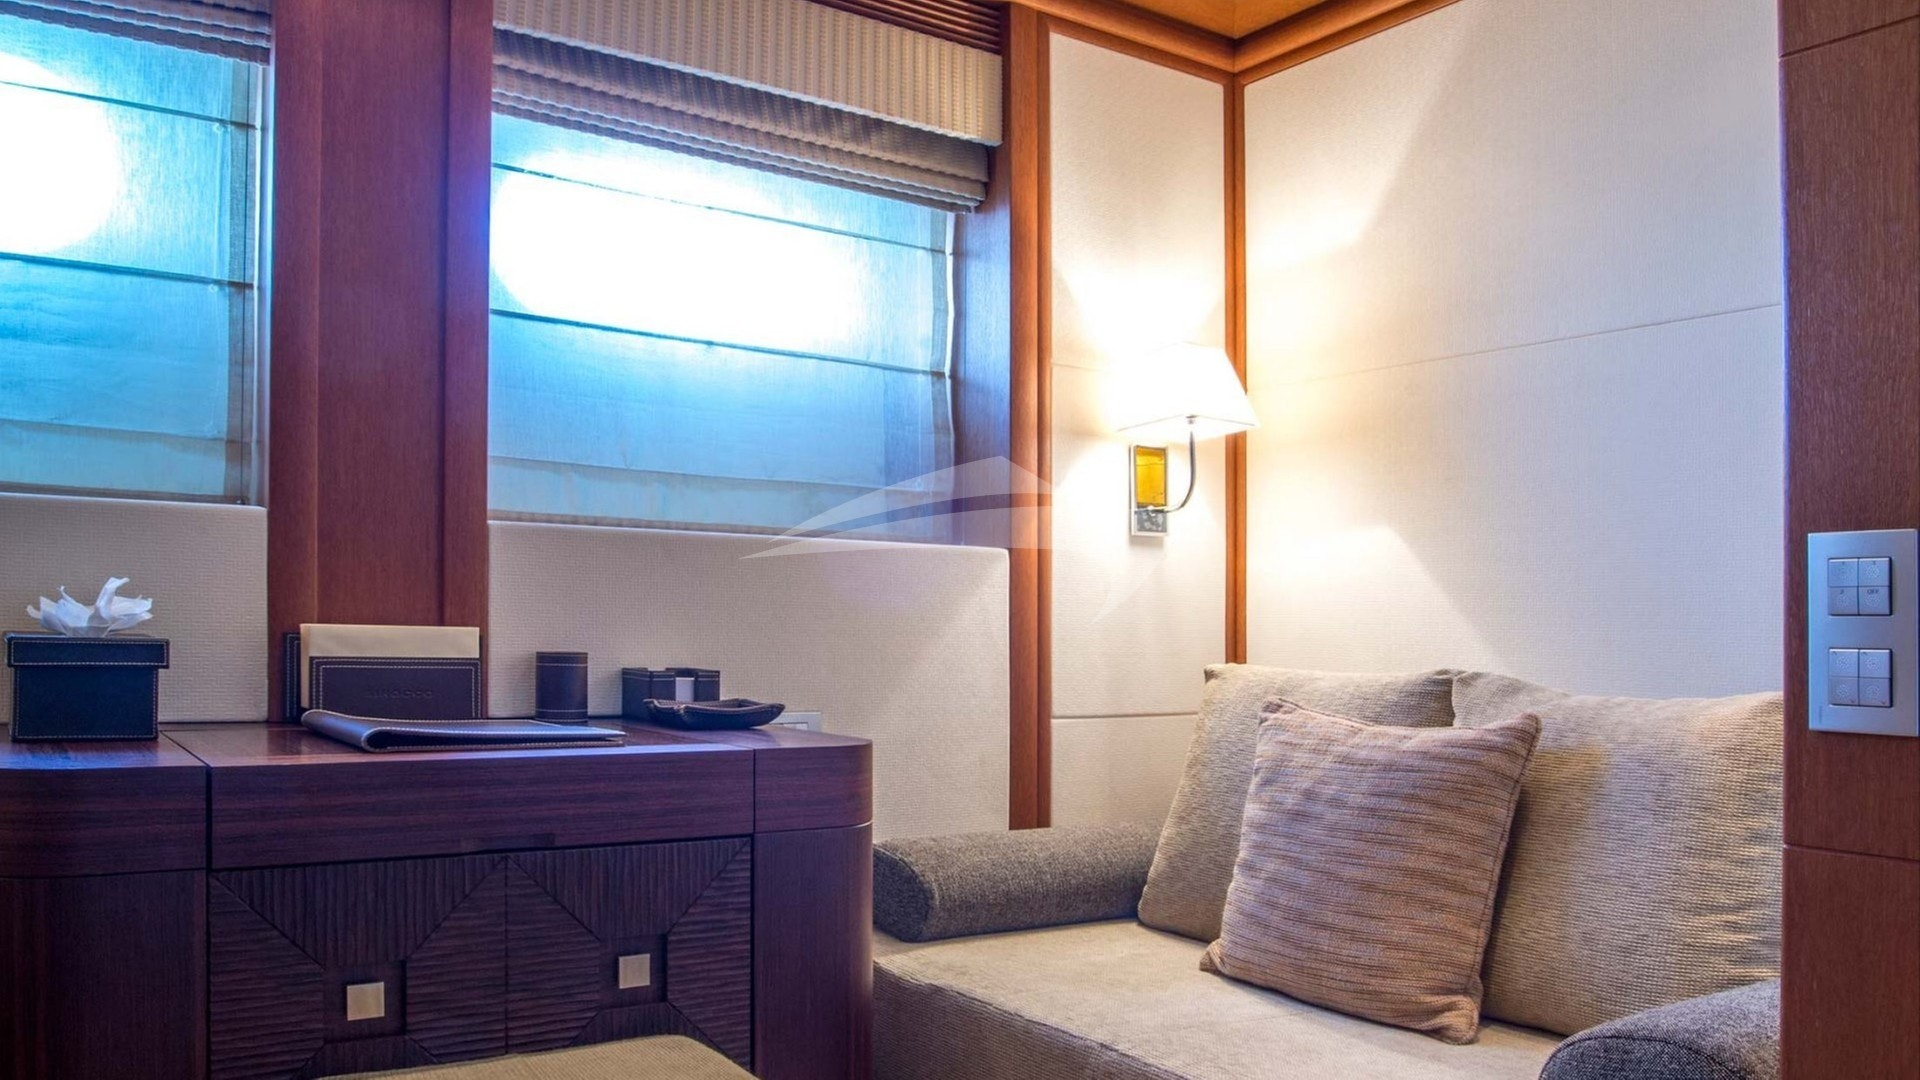 Cabine double avec canapé d'angle